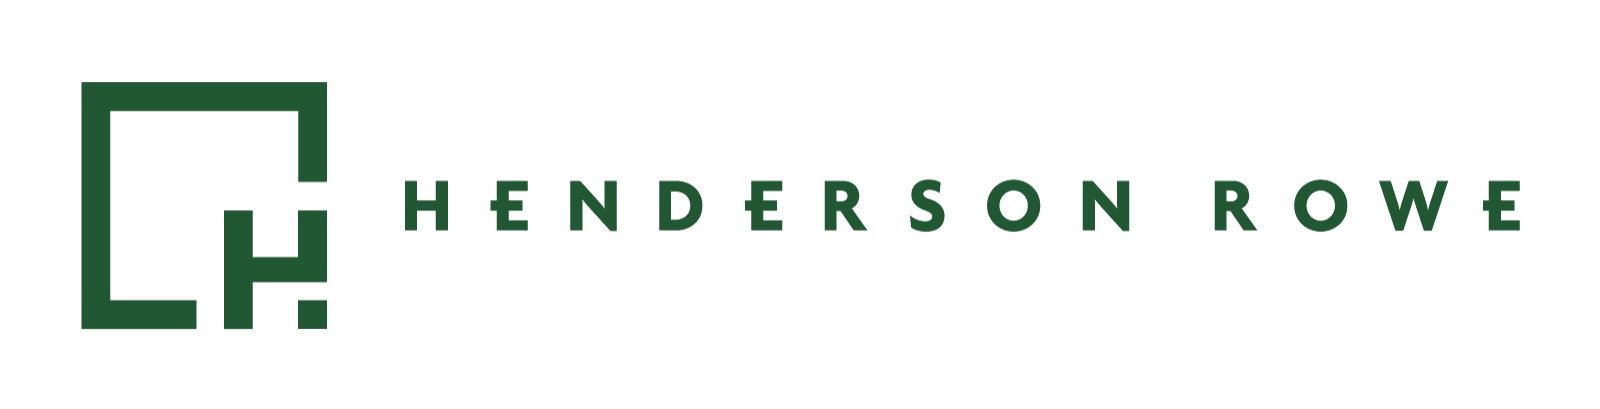 Henderson Rowe